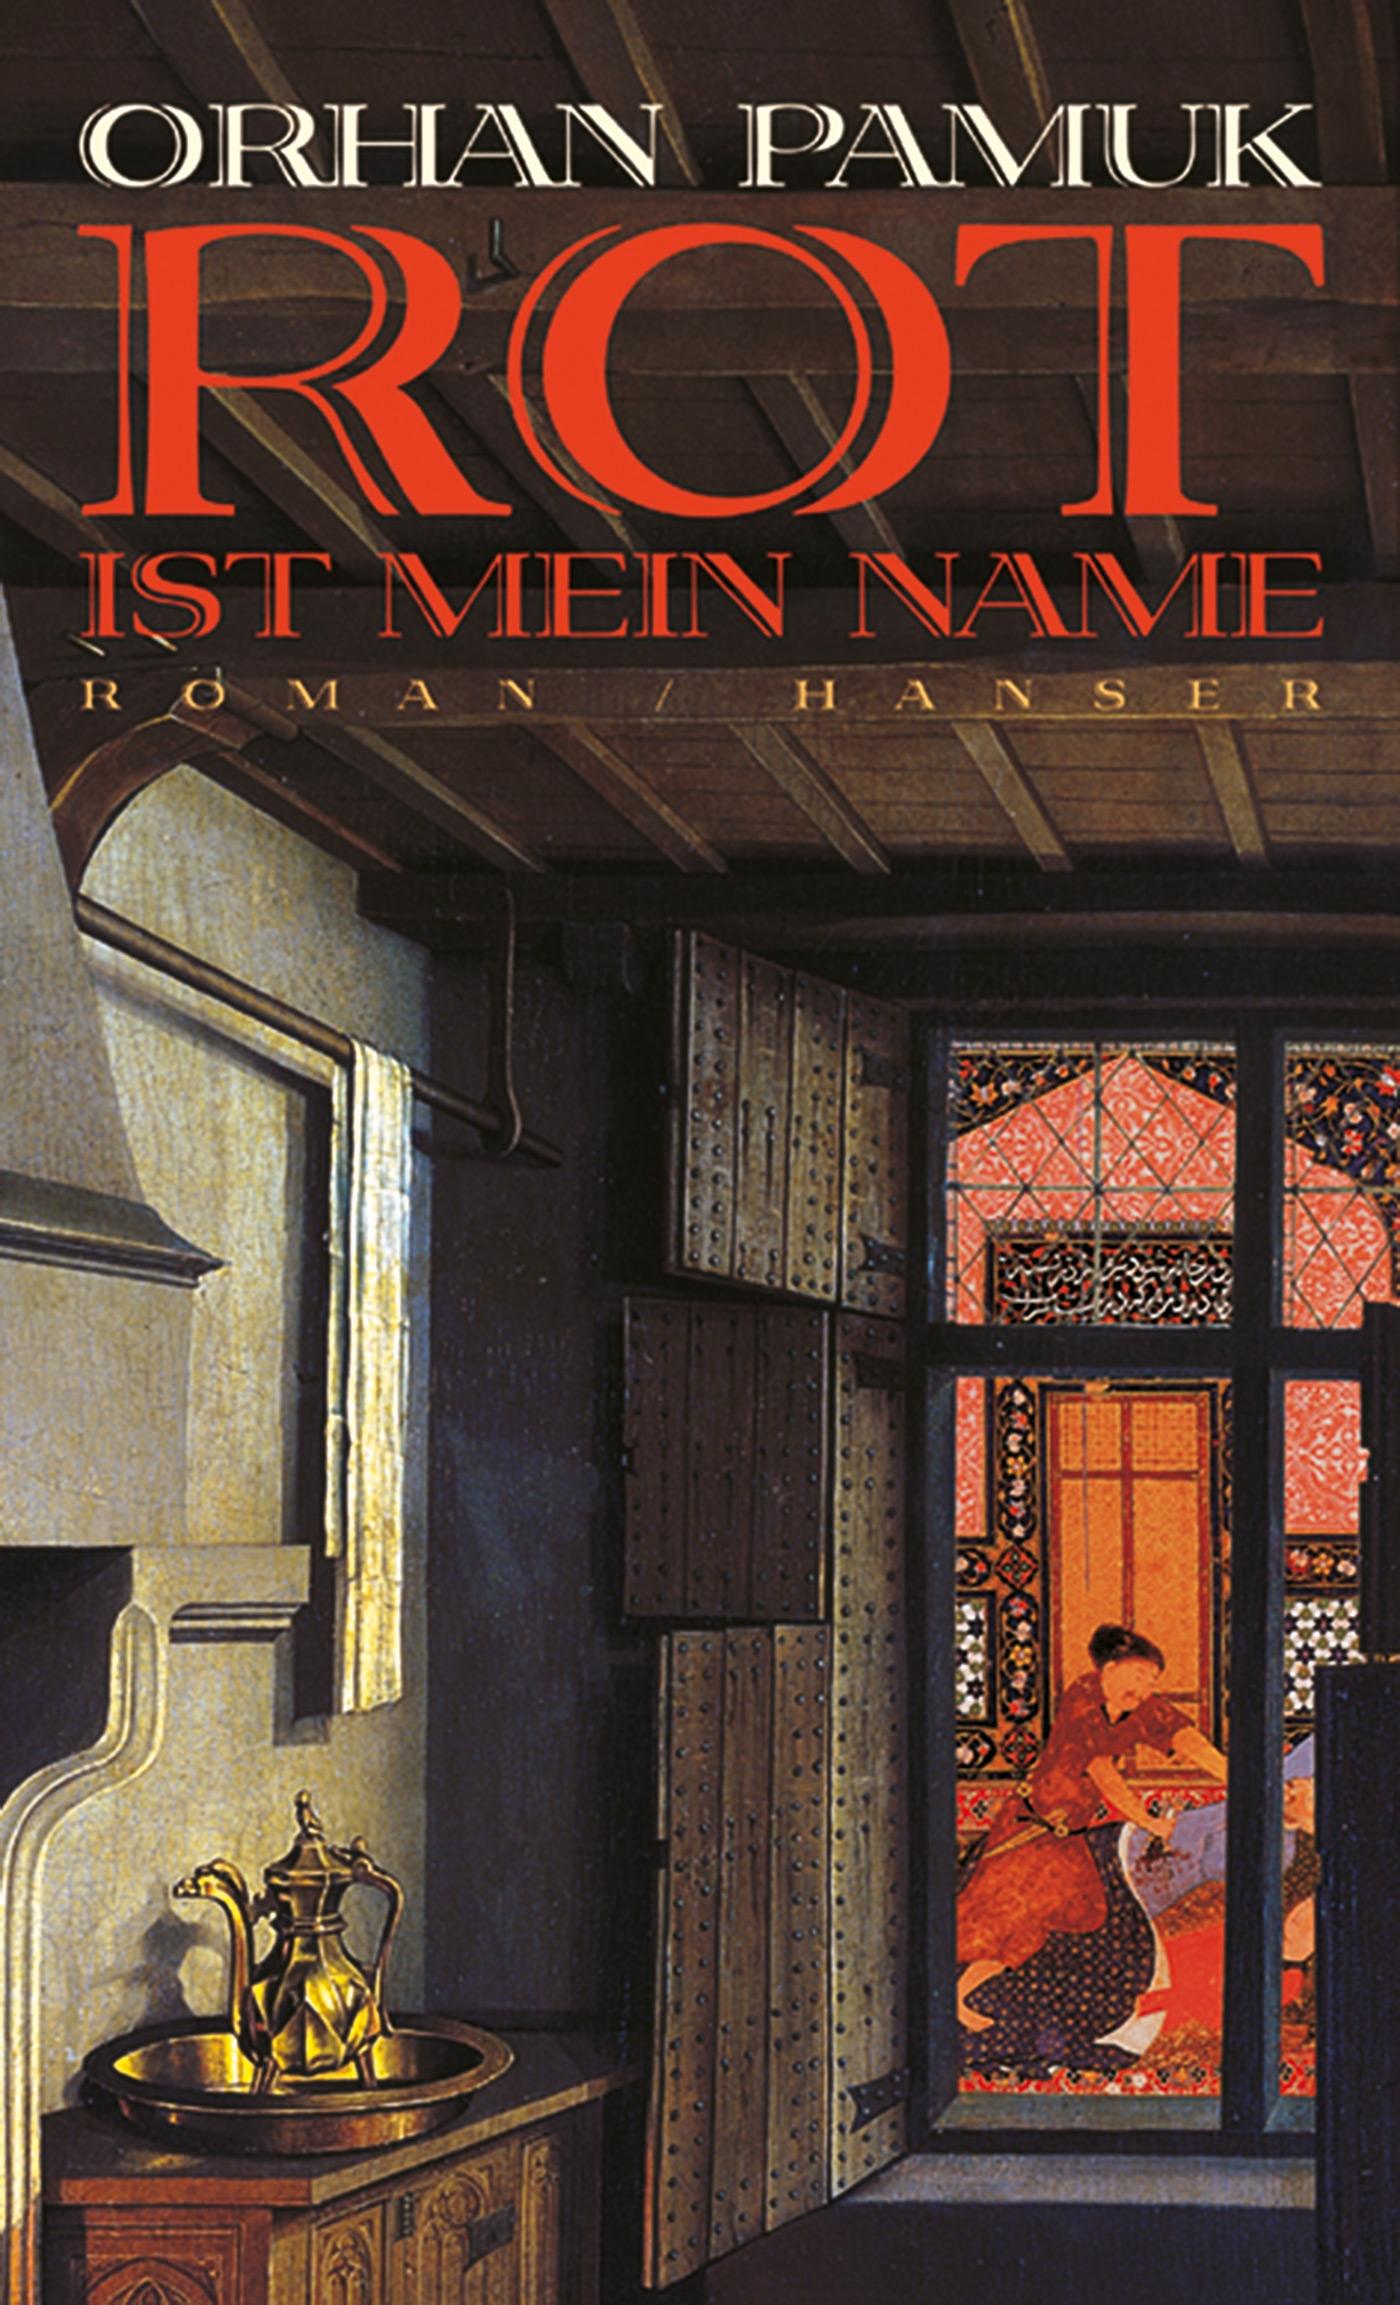 NEU Rot ist mein Name Orhan Pamuk 200579